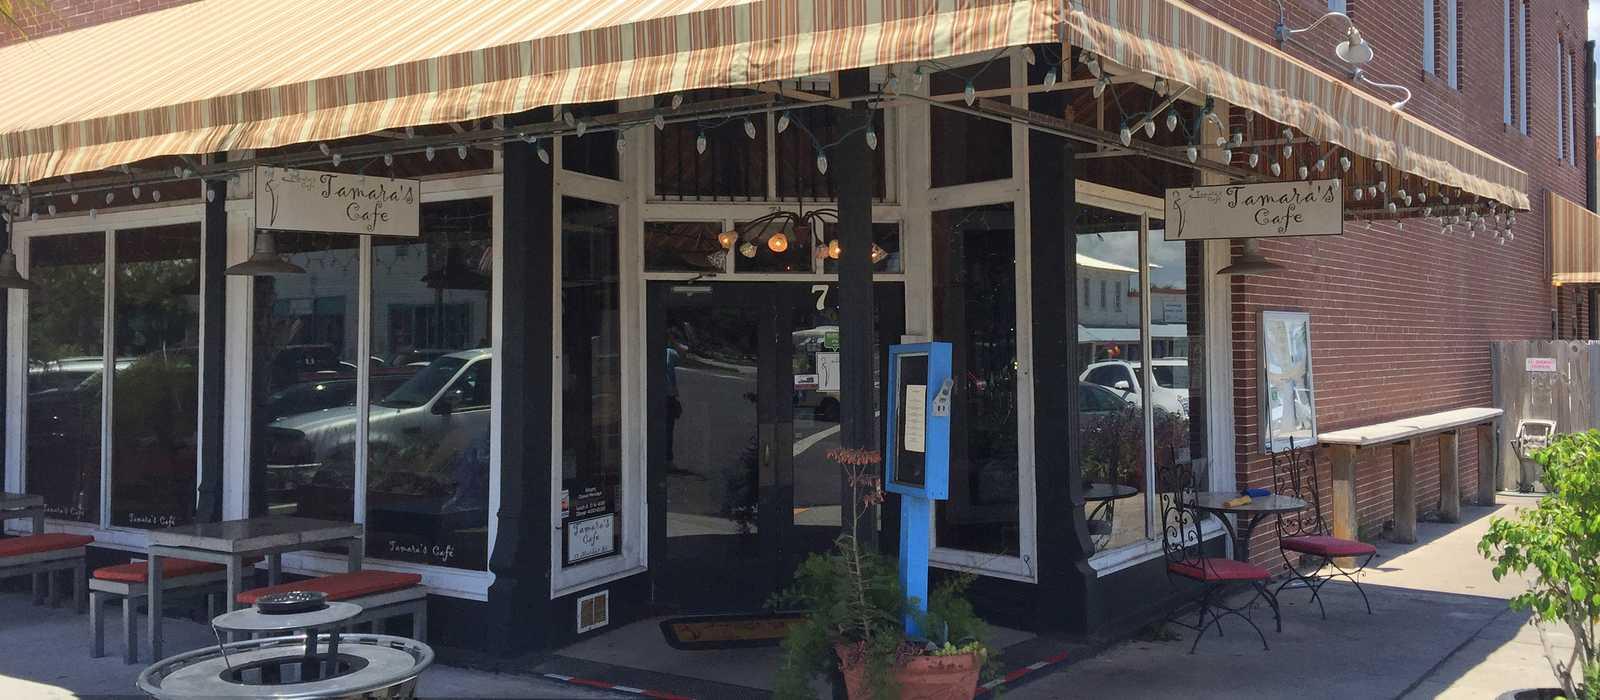 Tamara's Cafe